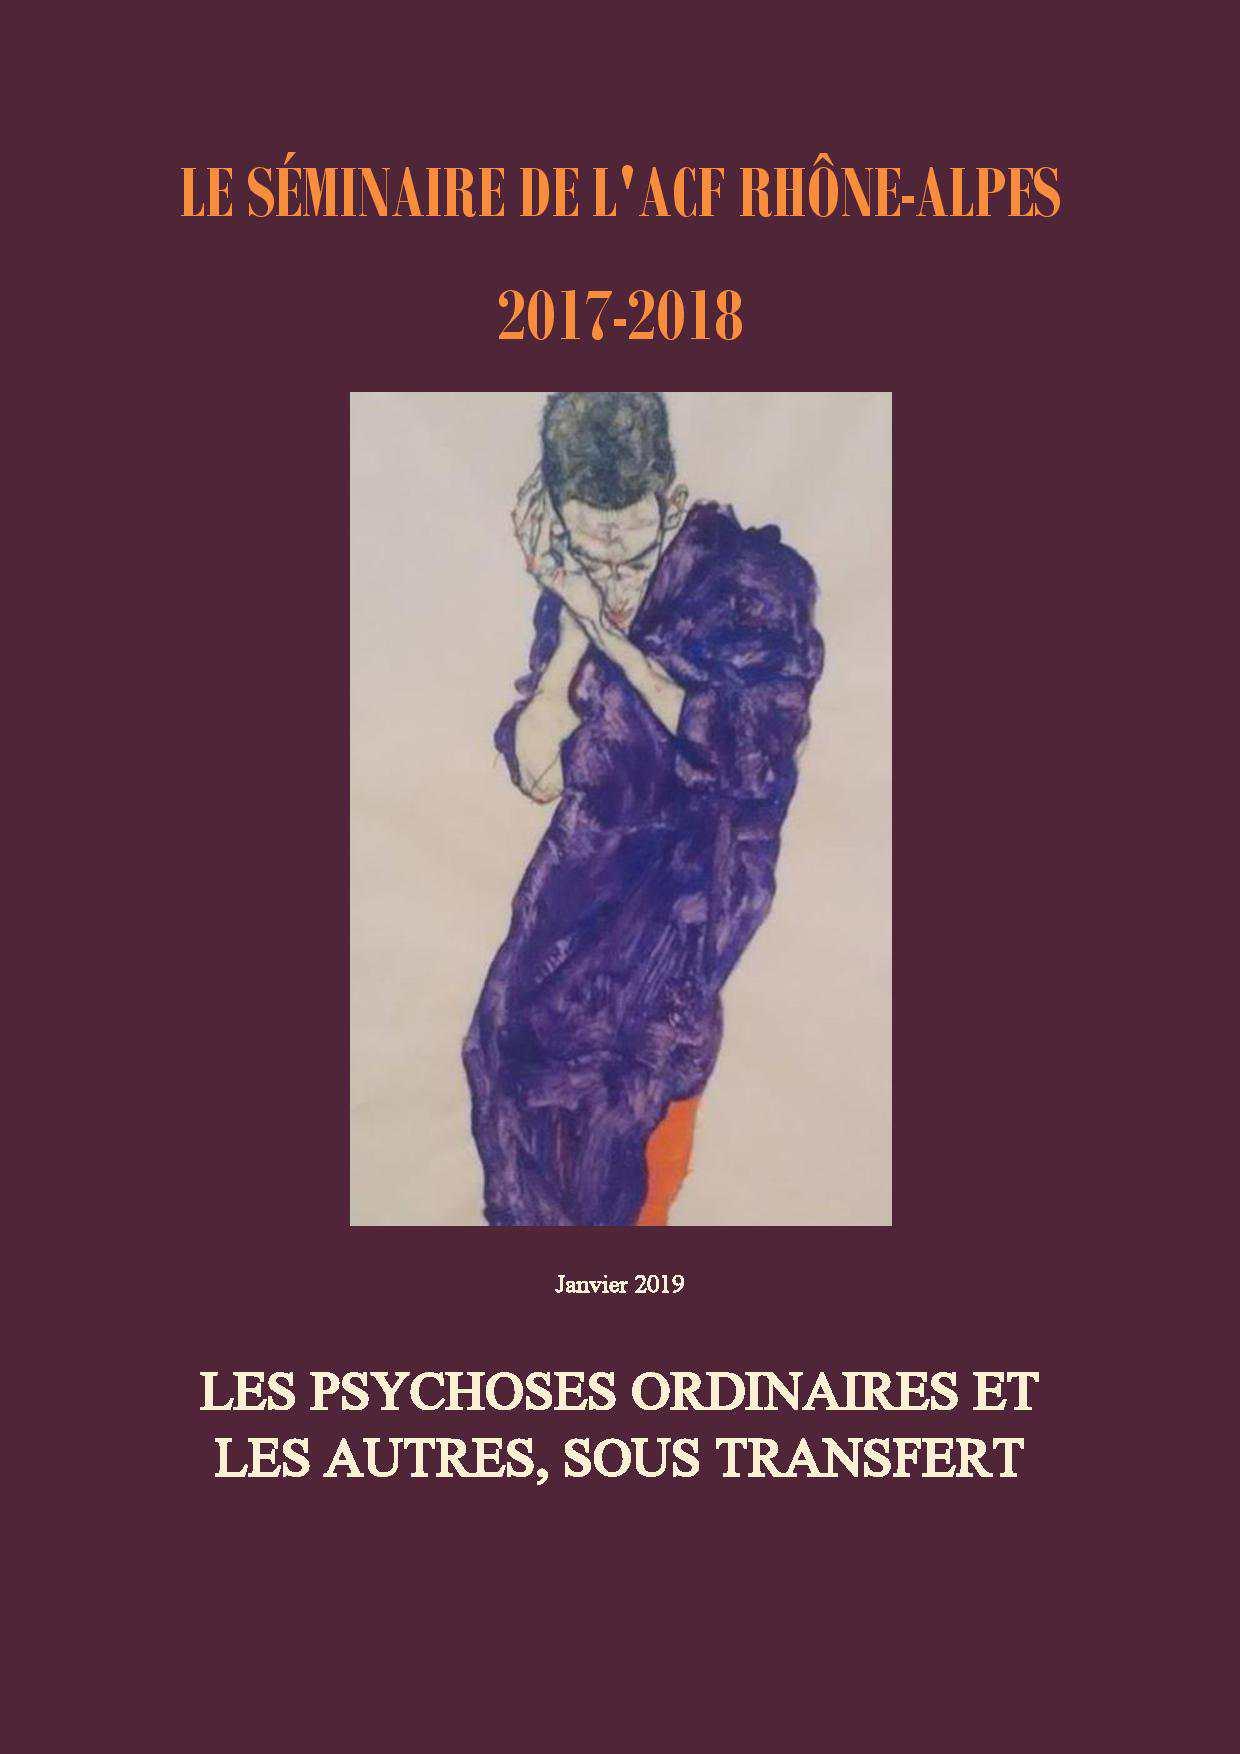 Par Lettre n°42 : les psychoses ordinaires et les autres,  sous transfert